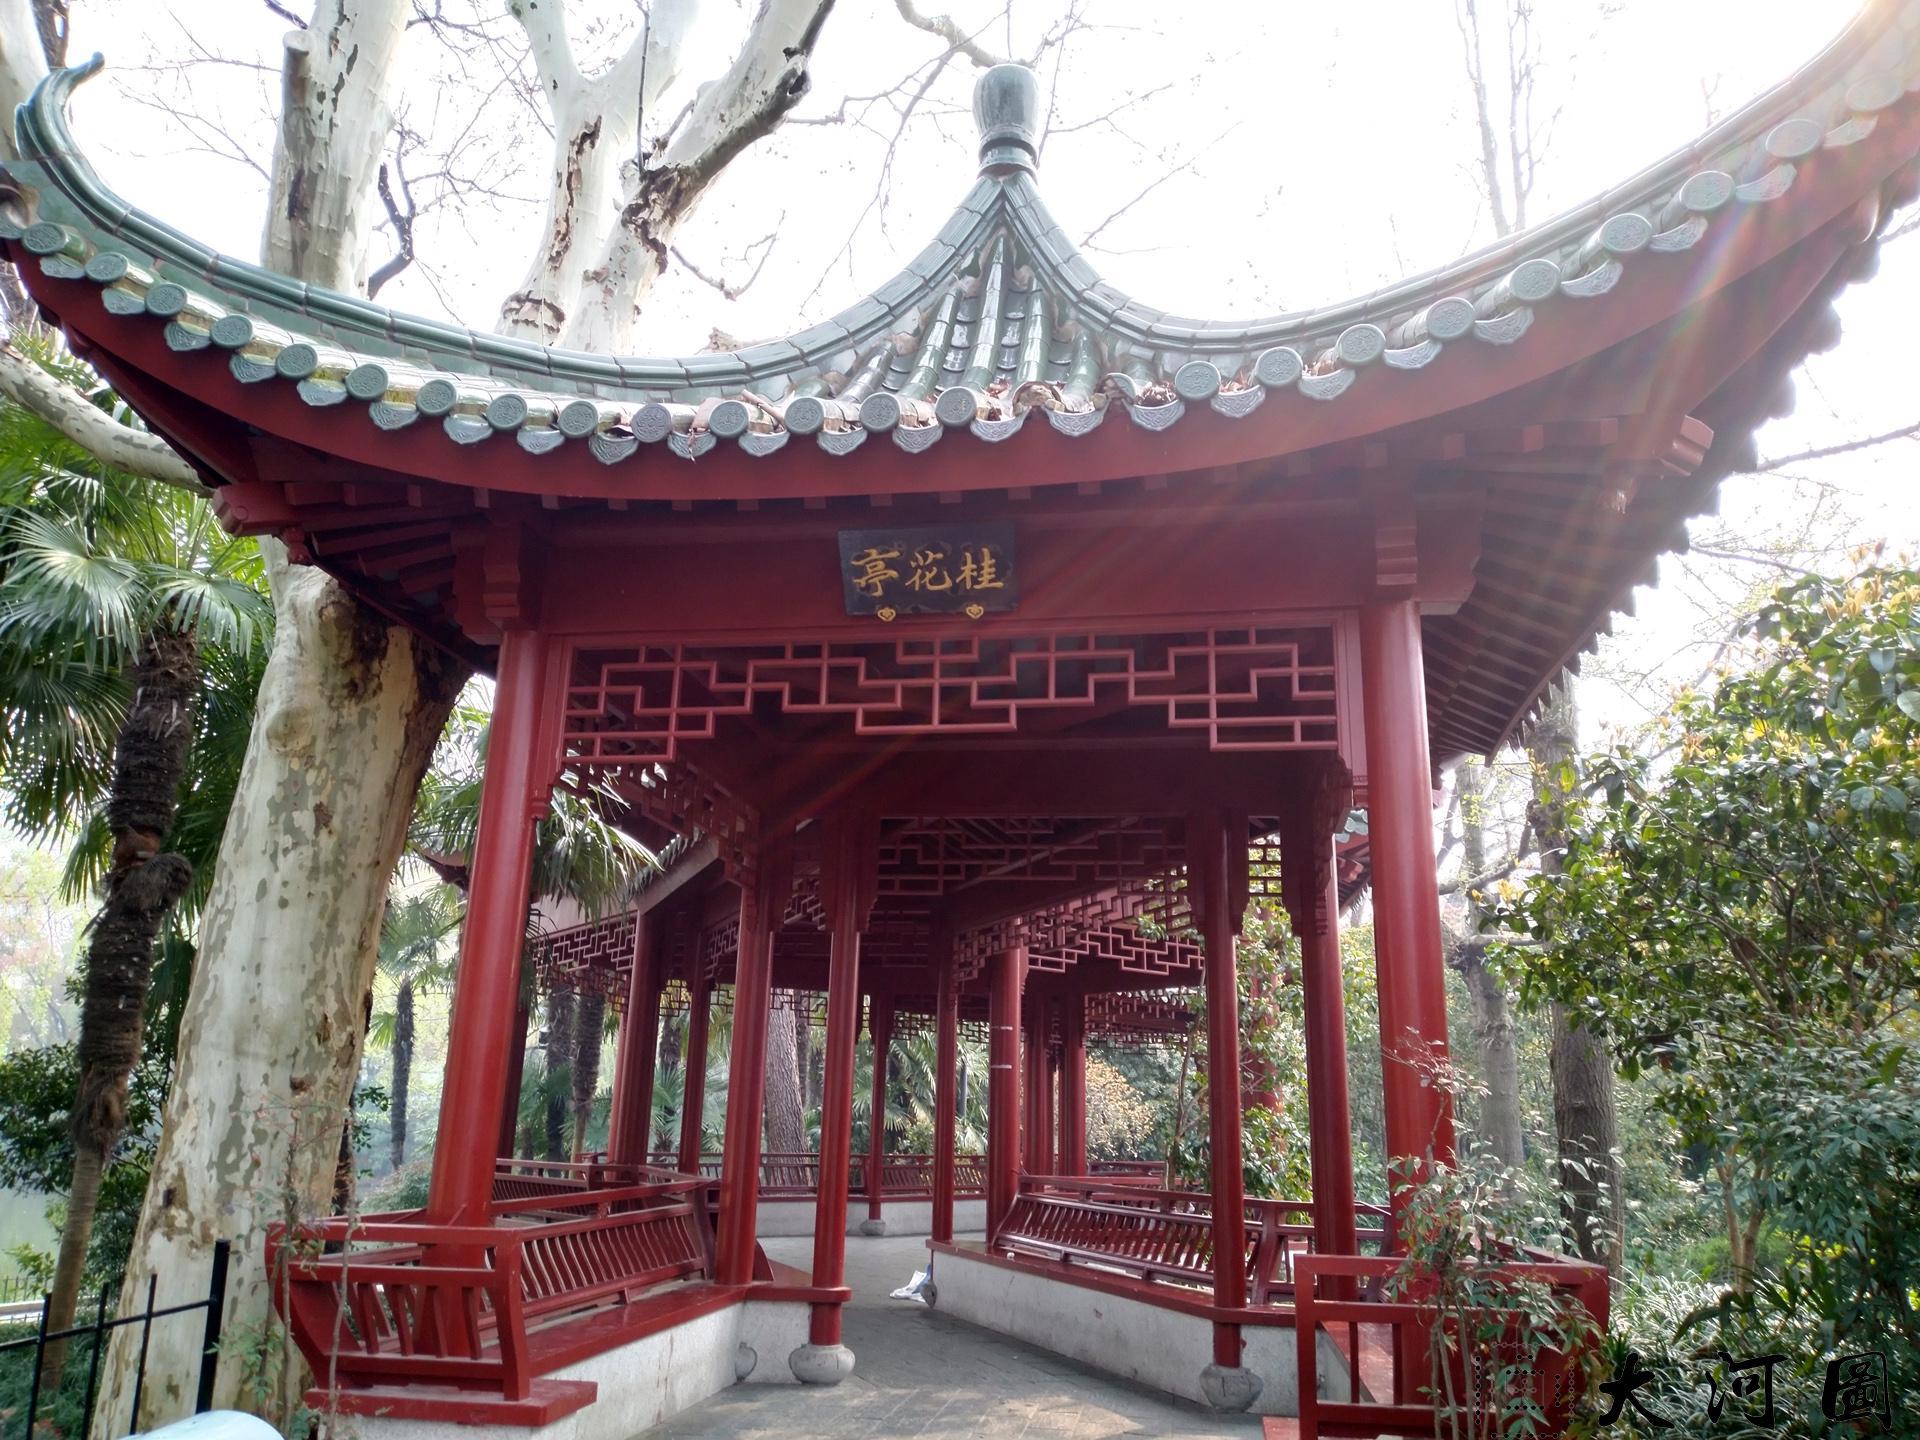 上海长风公园初春之景色幽暗灰沉 摄影 第12张